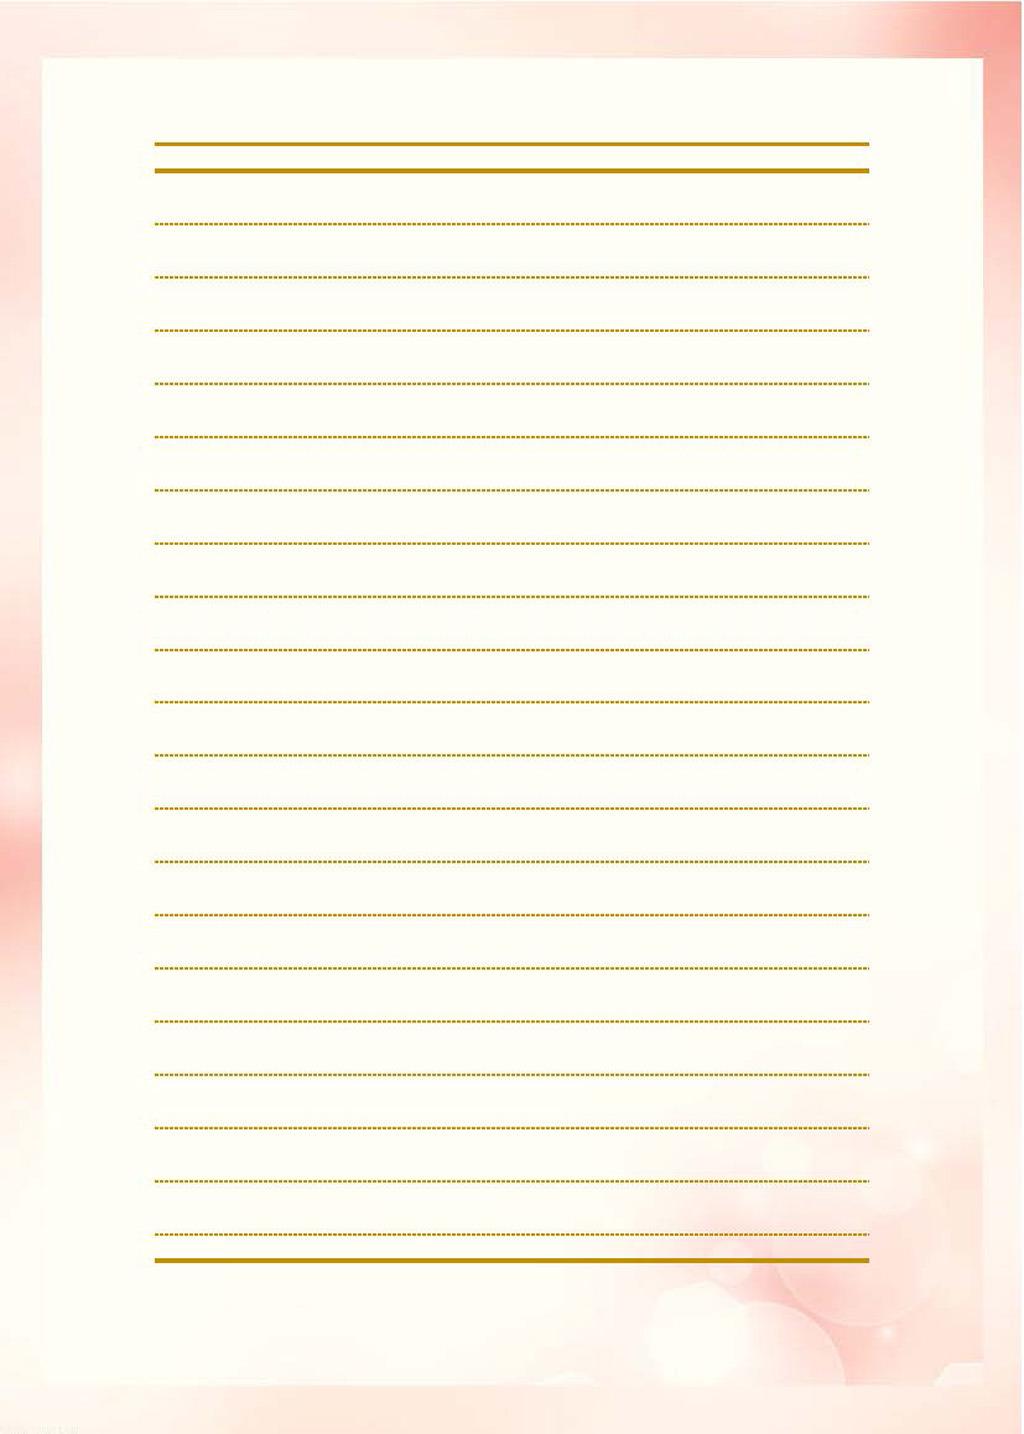 清新淡雅粉色边框信纸背景图片